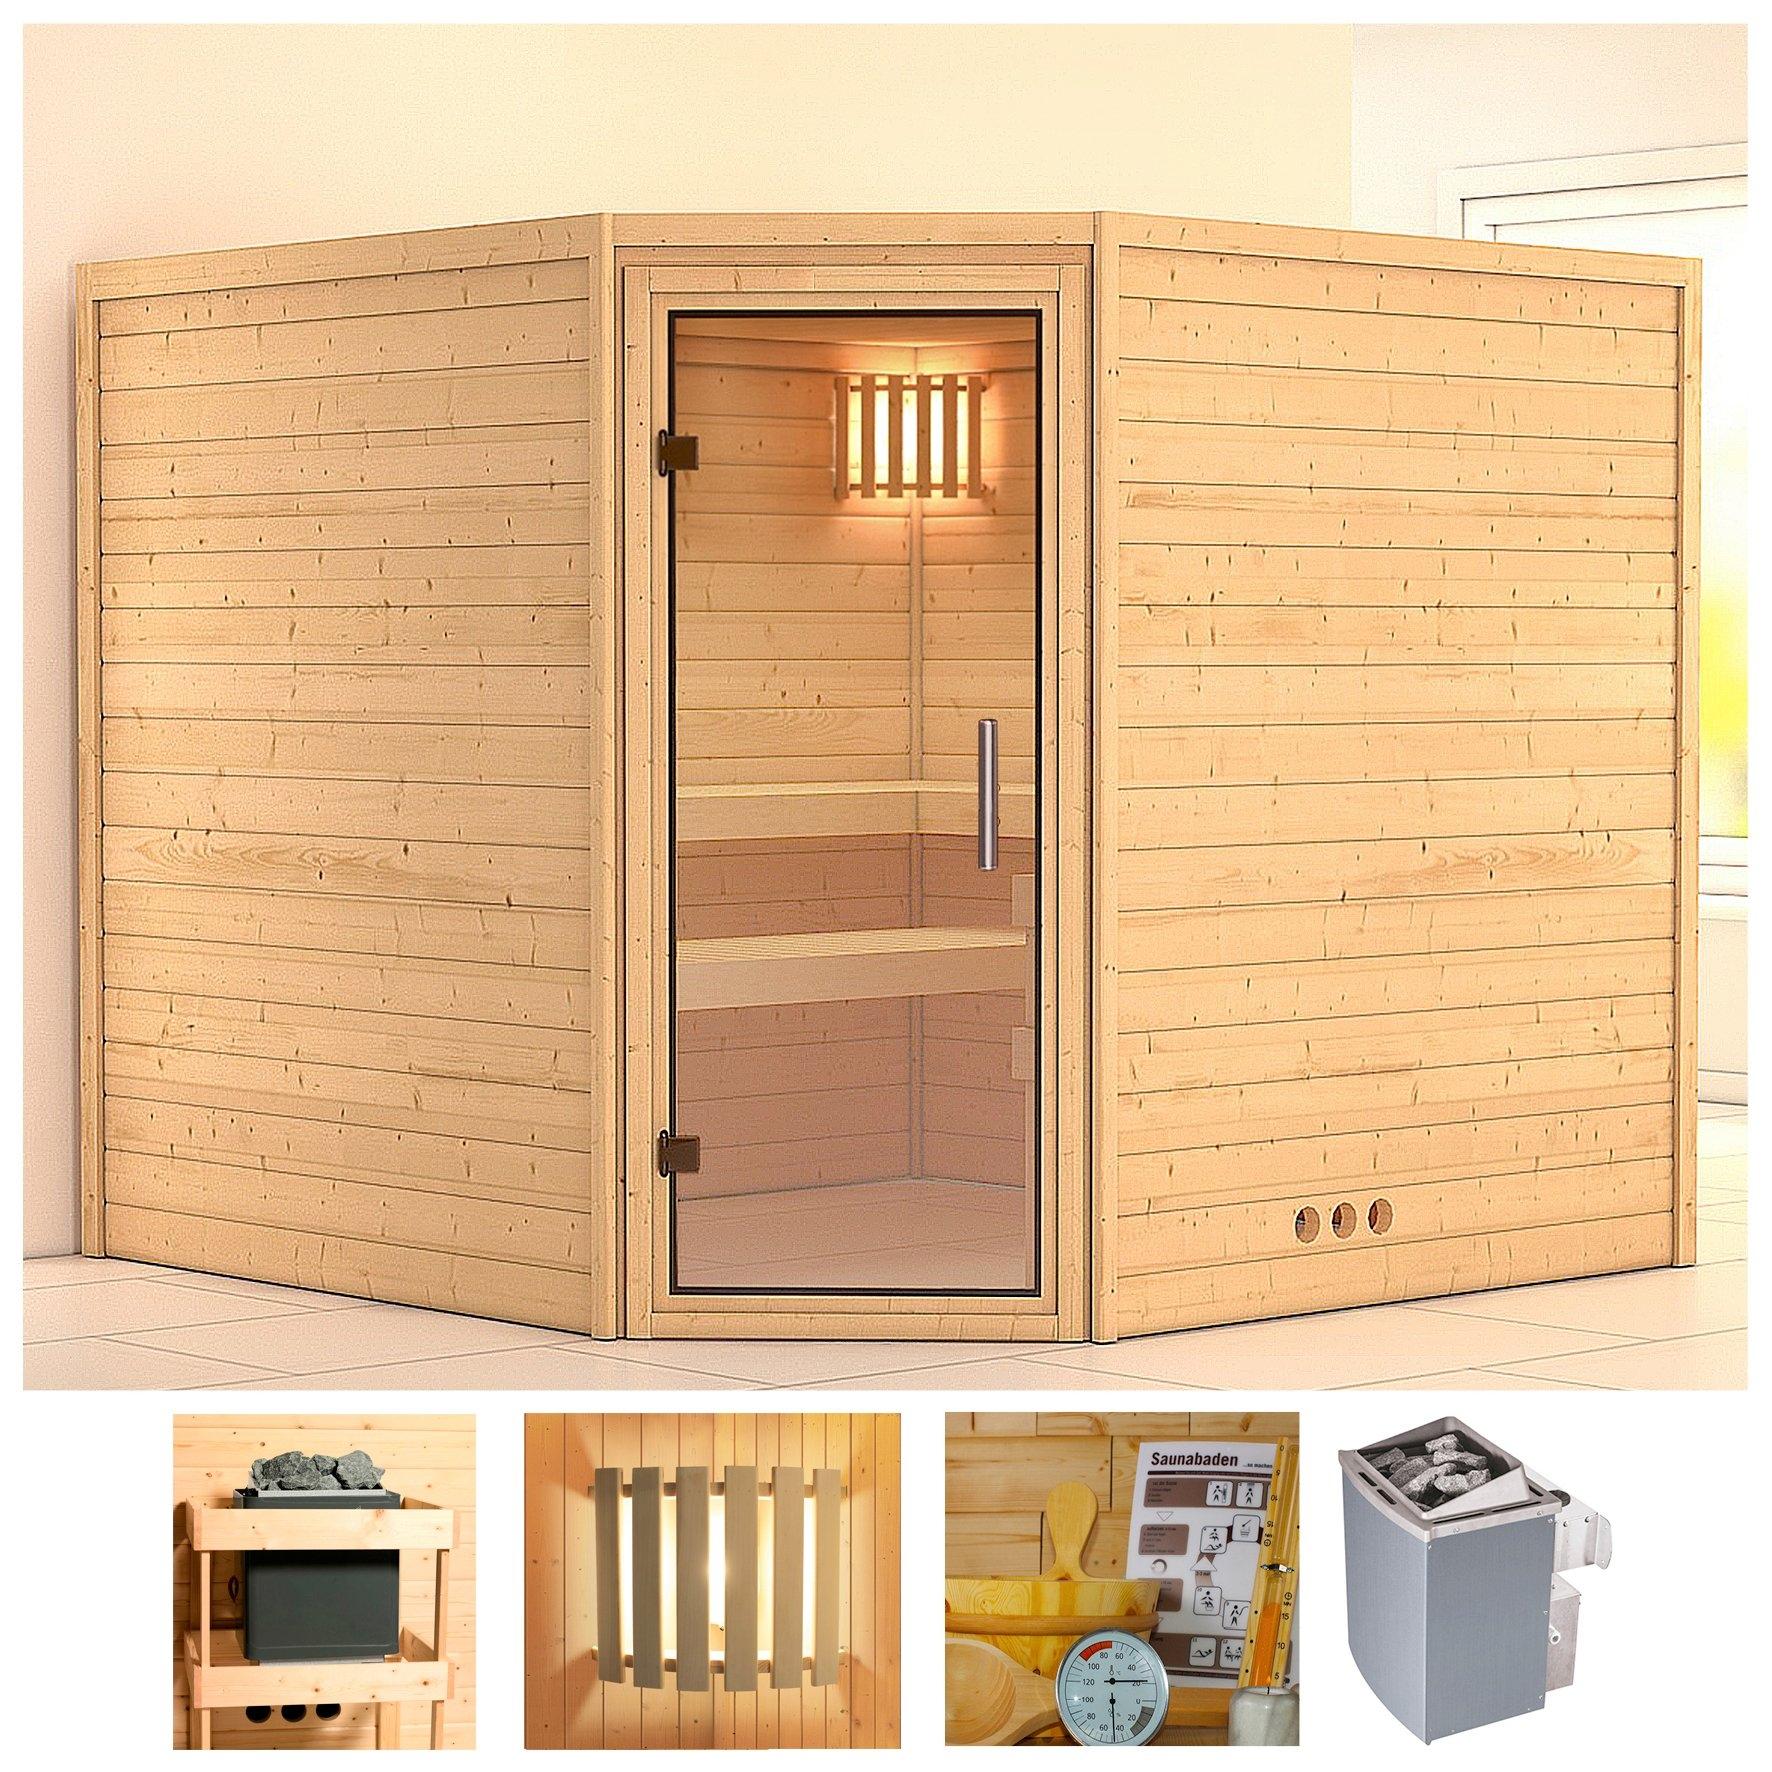 KONIFERA sauna »Leona«, 231/231/200 cm, 9-kW-Ofen mit int. Steuerung, Glastür klar bestellen: 30 dagen bedenktijd